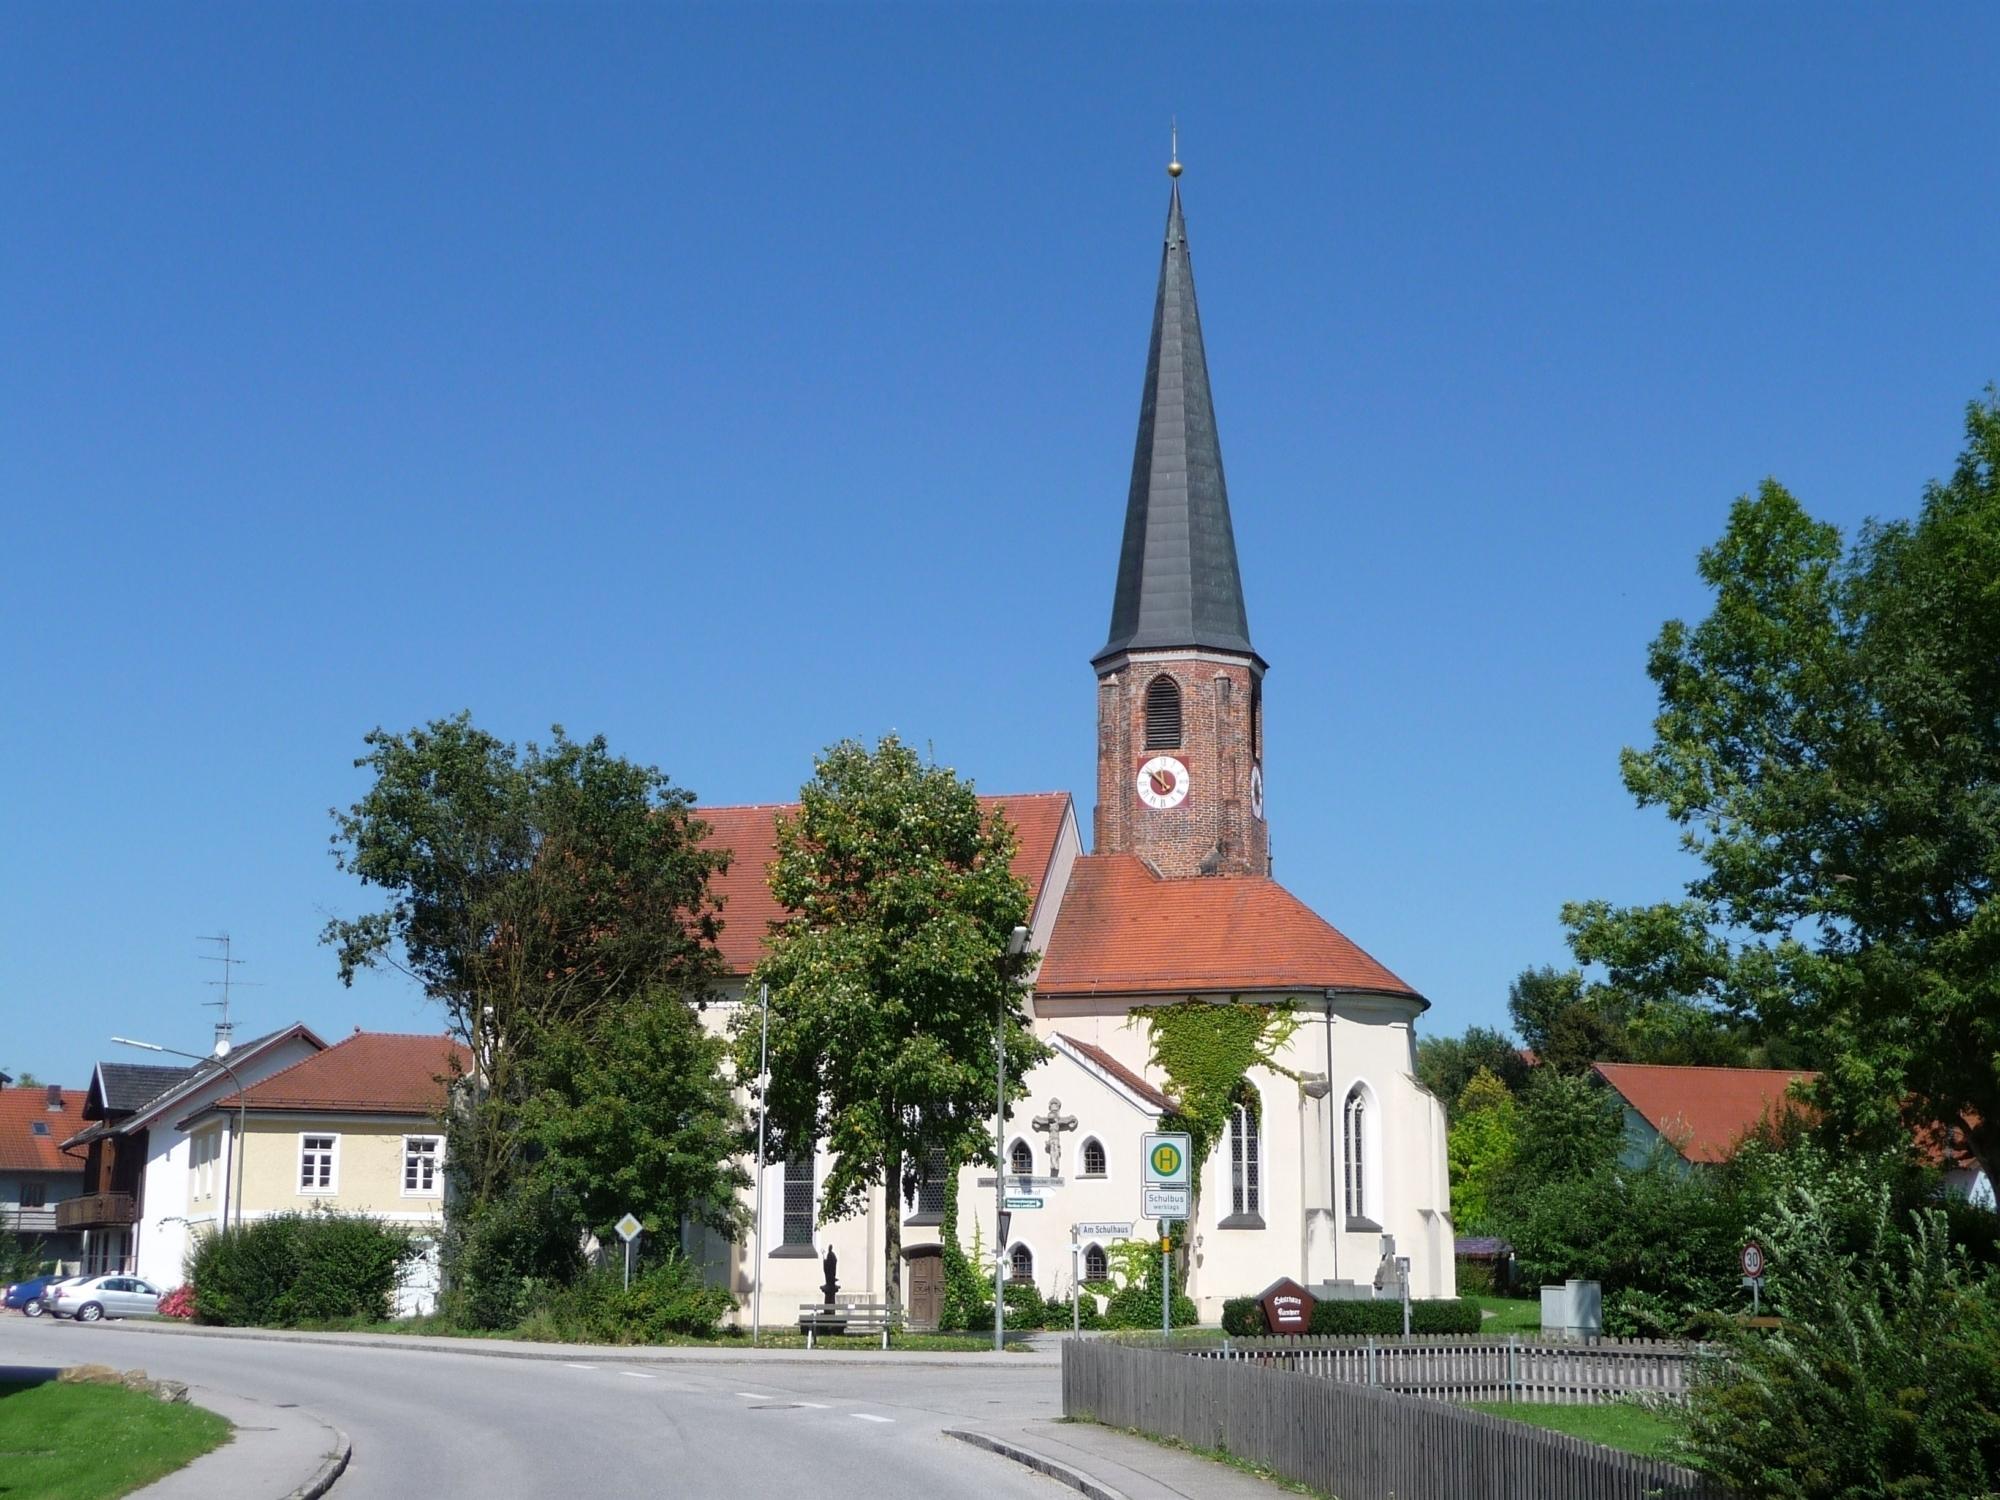 Pfarrkirche Hirschbach Birnbach